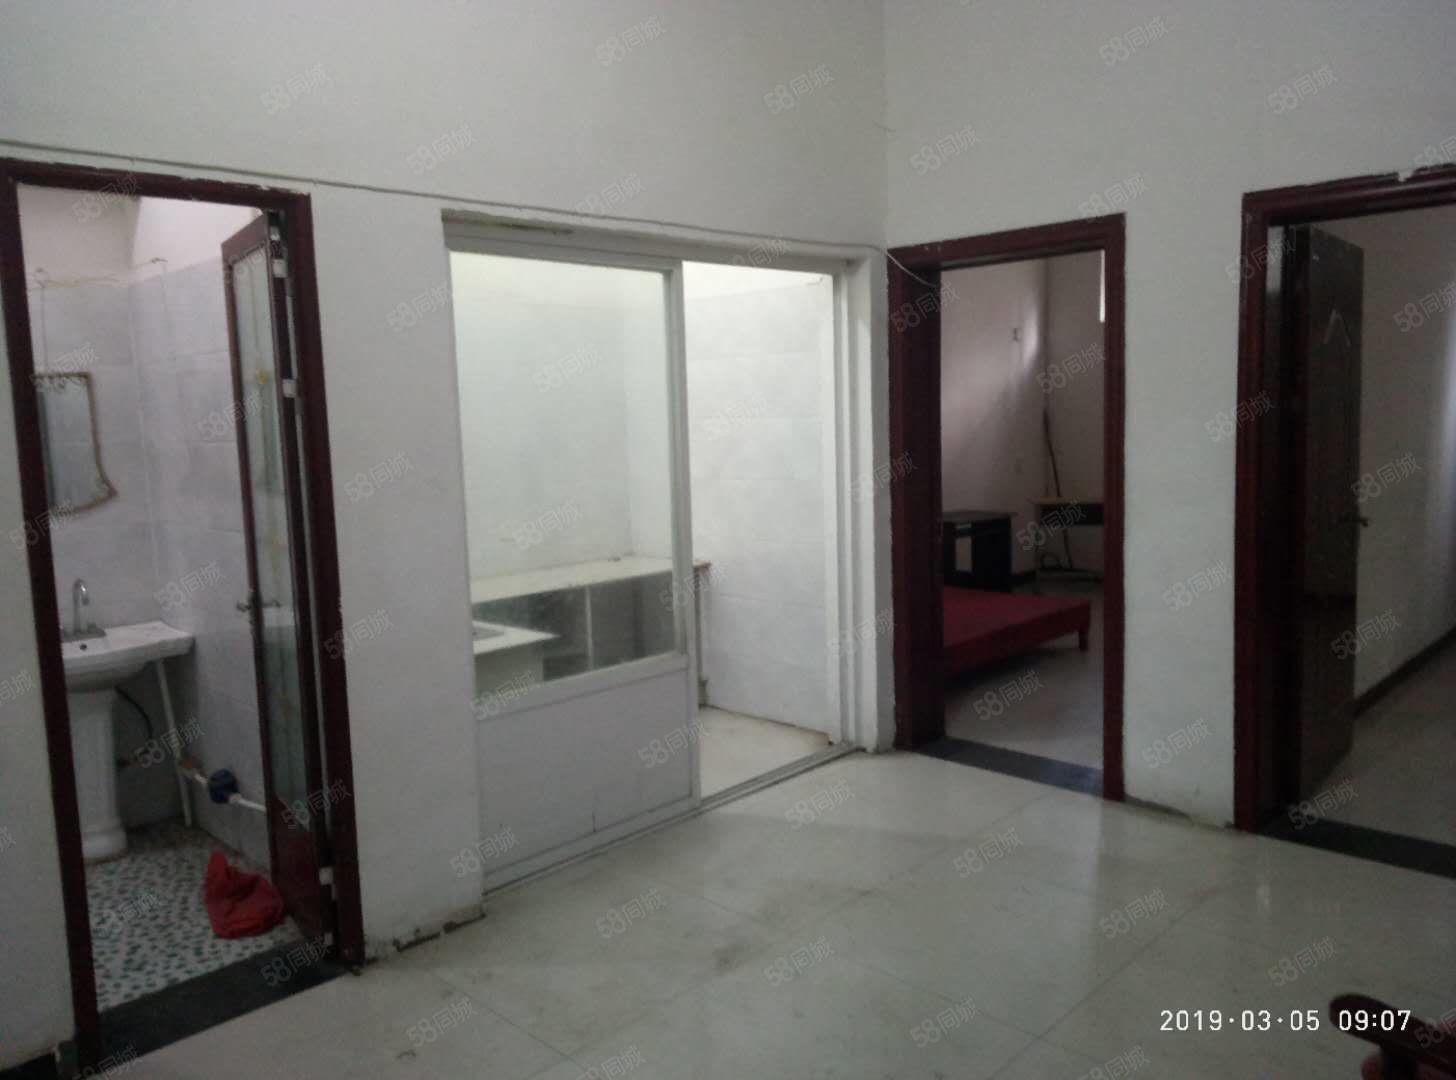 急租育新街80平2室1厅1厨1卫,紧邻学校,上学方便